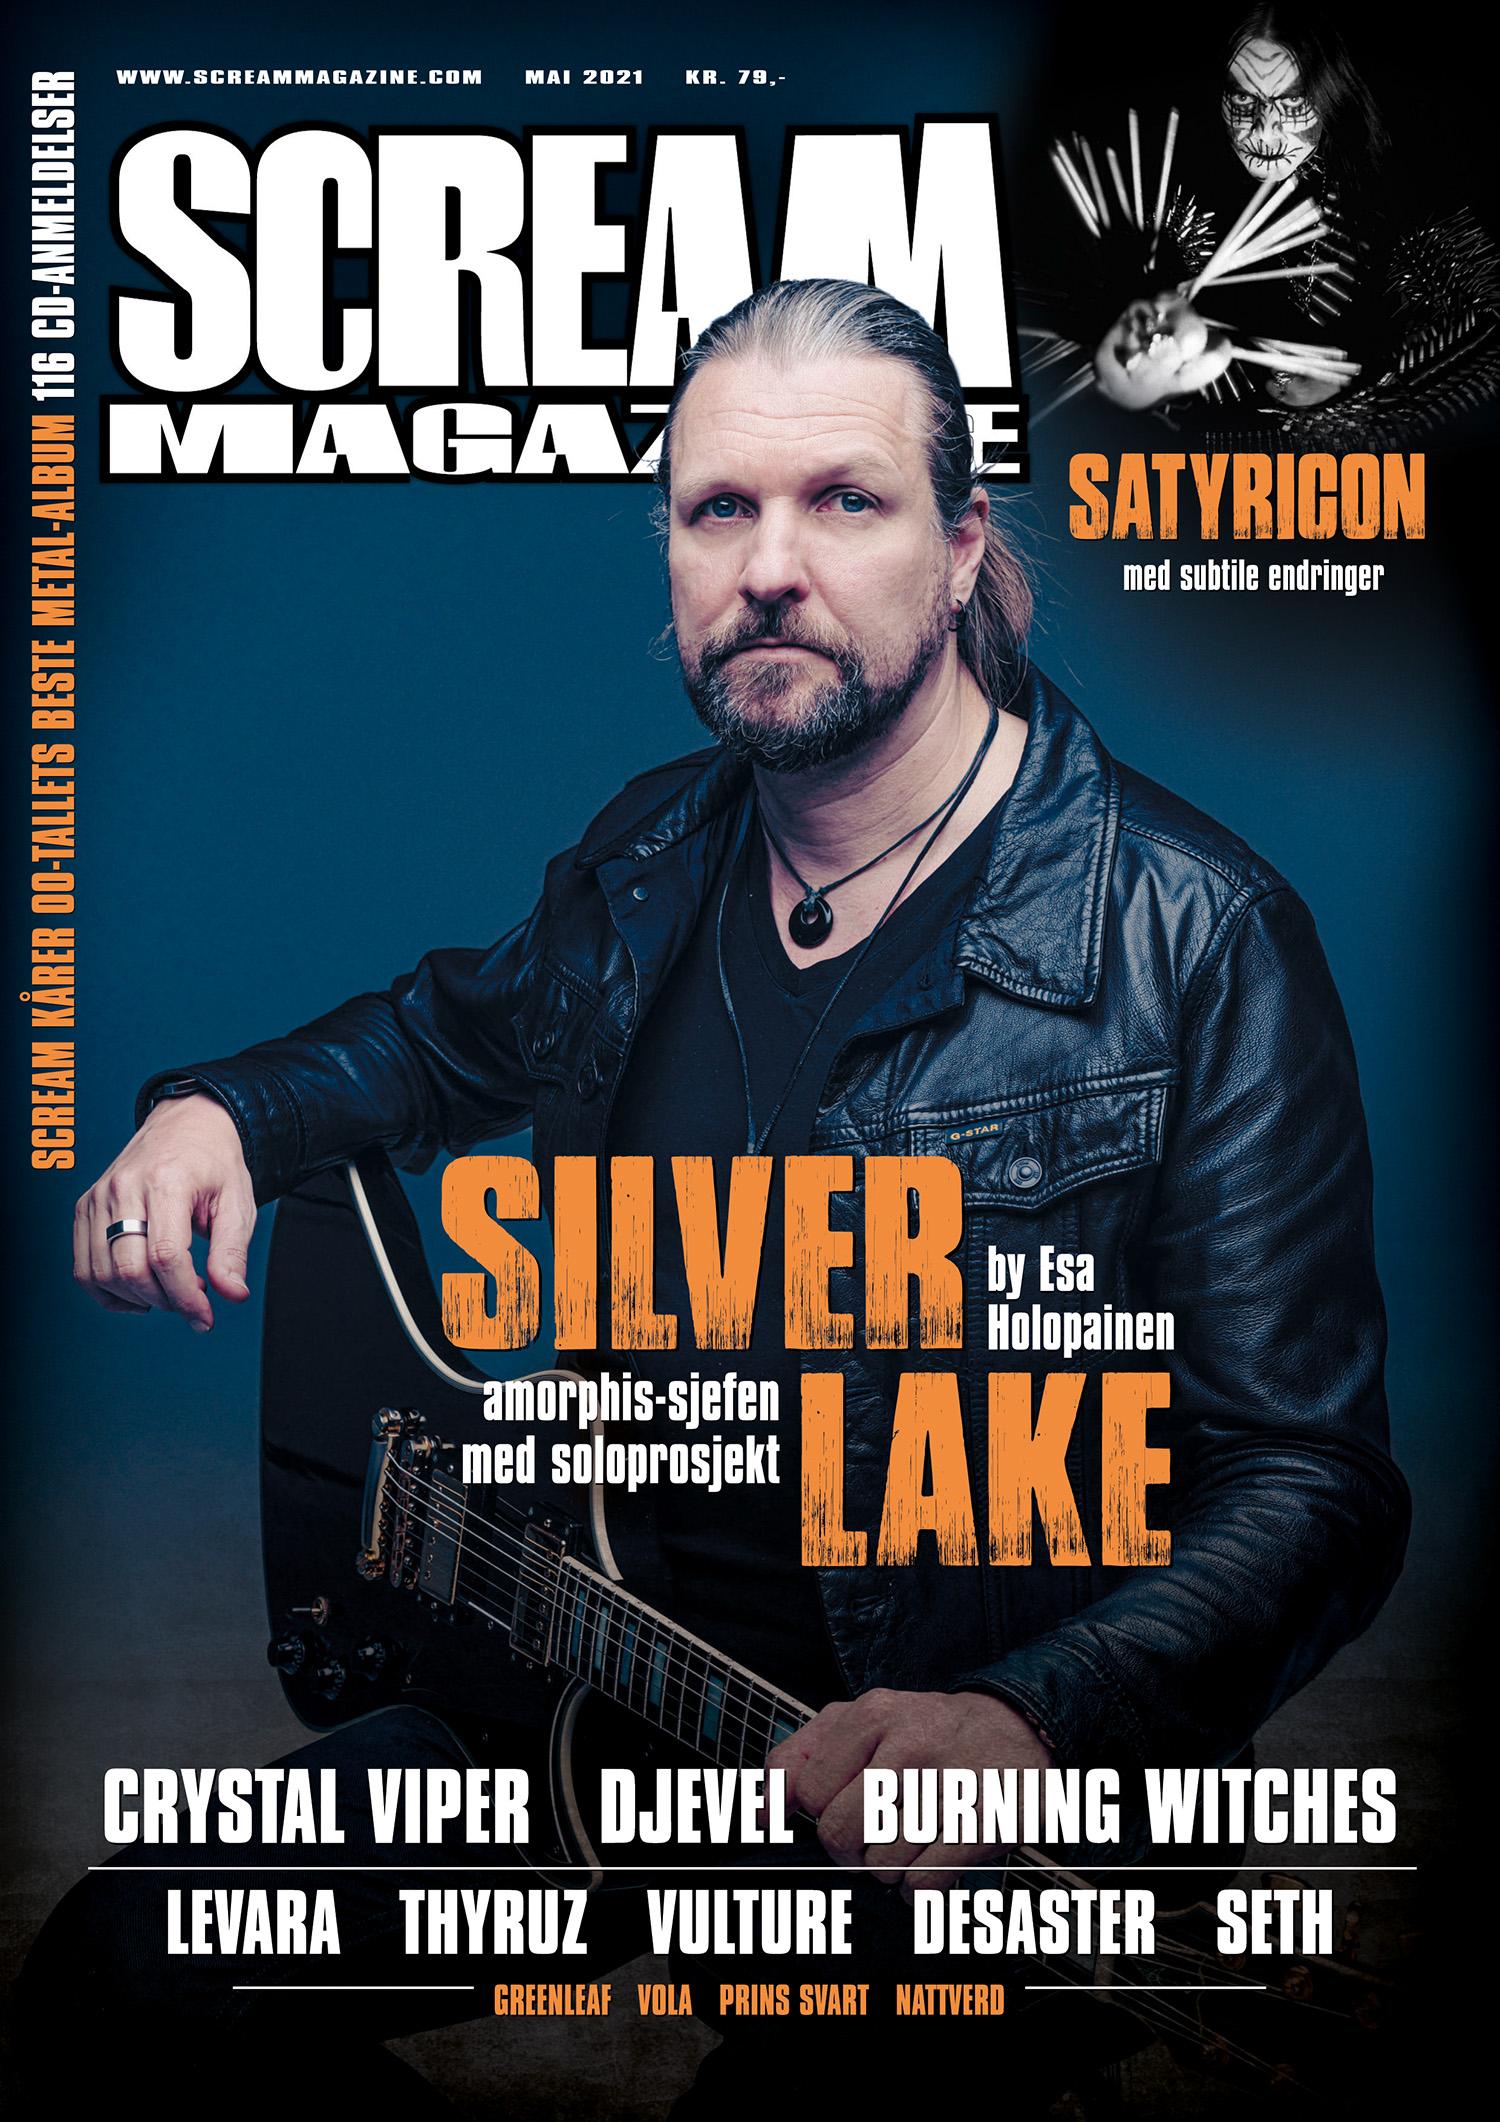 Scream Magazine #256